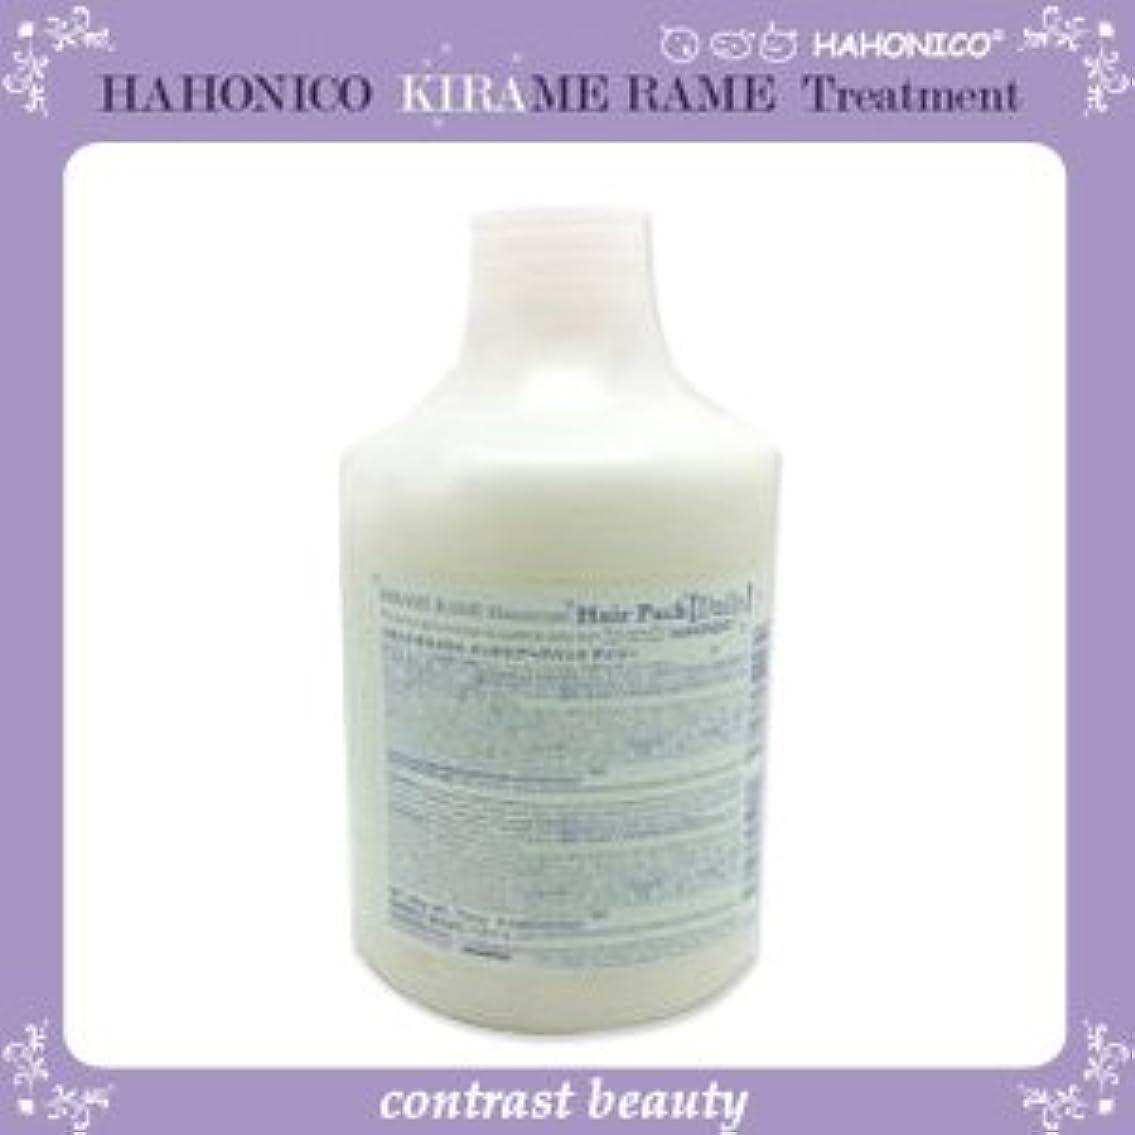 ソロパノラマ予防接種する【X4個セット】 ハホニコ キラメラメ メンテケアヘアパックデイリー 500g KIRAME RAME HAHONICO